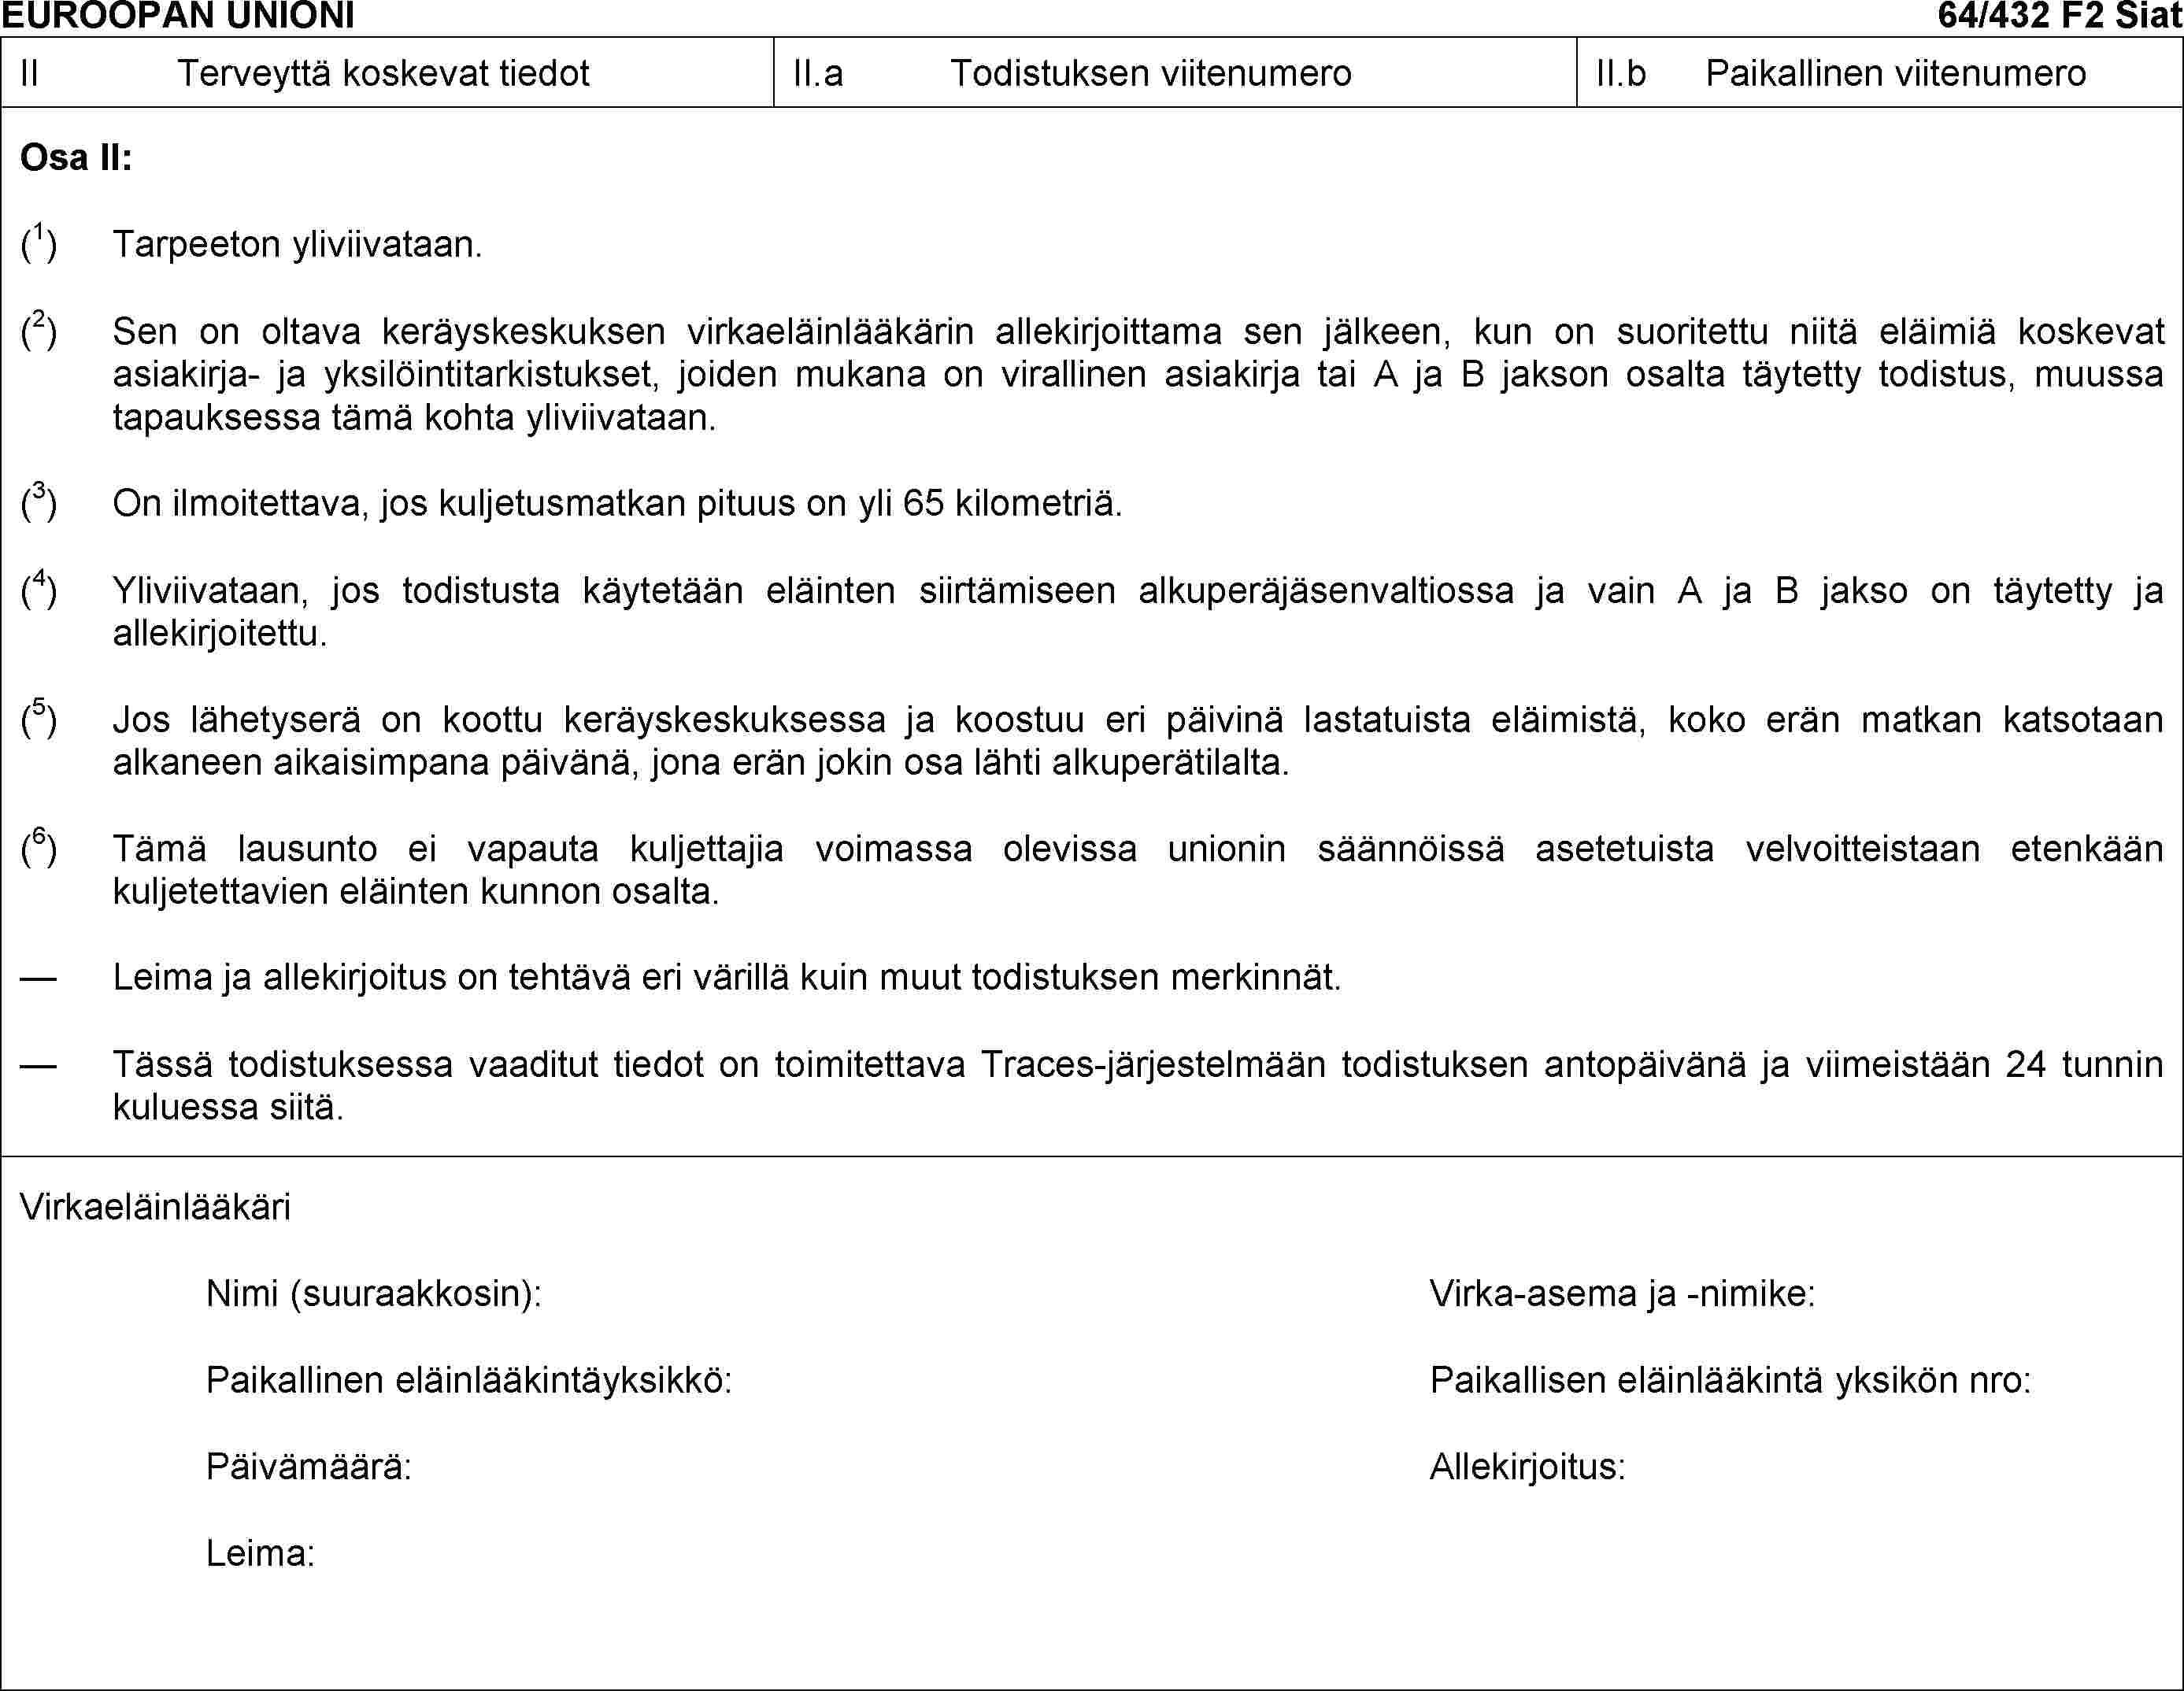 Luettelo vapaa Itävalta dating sites